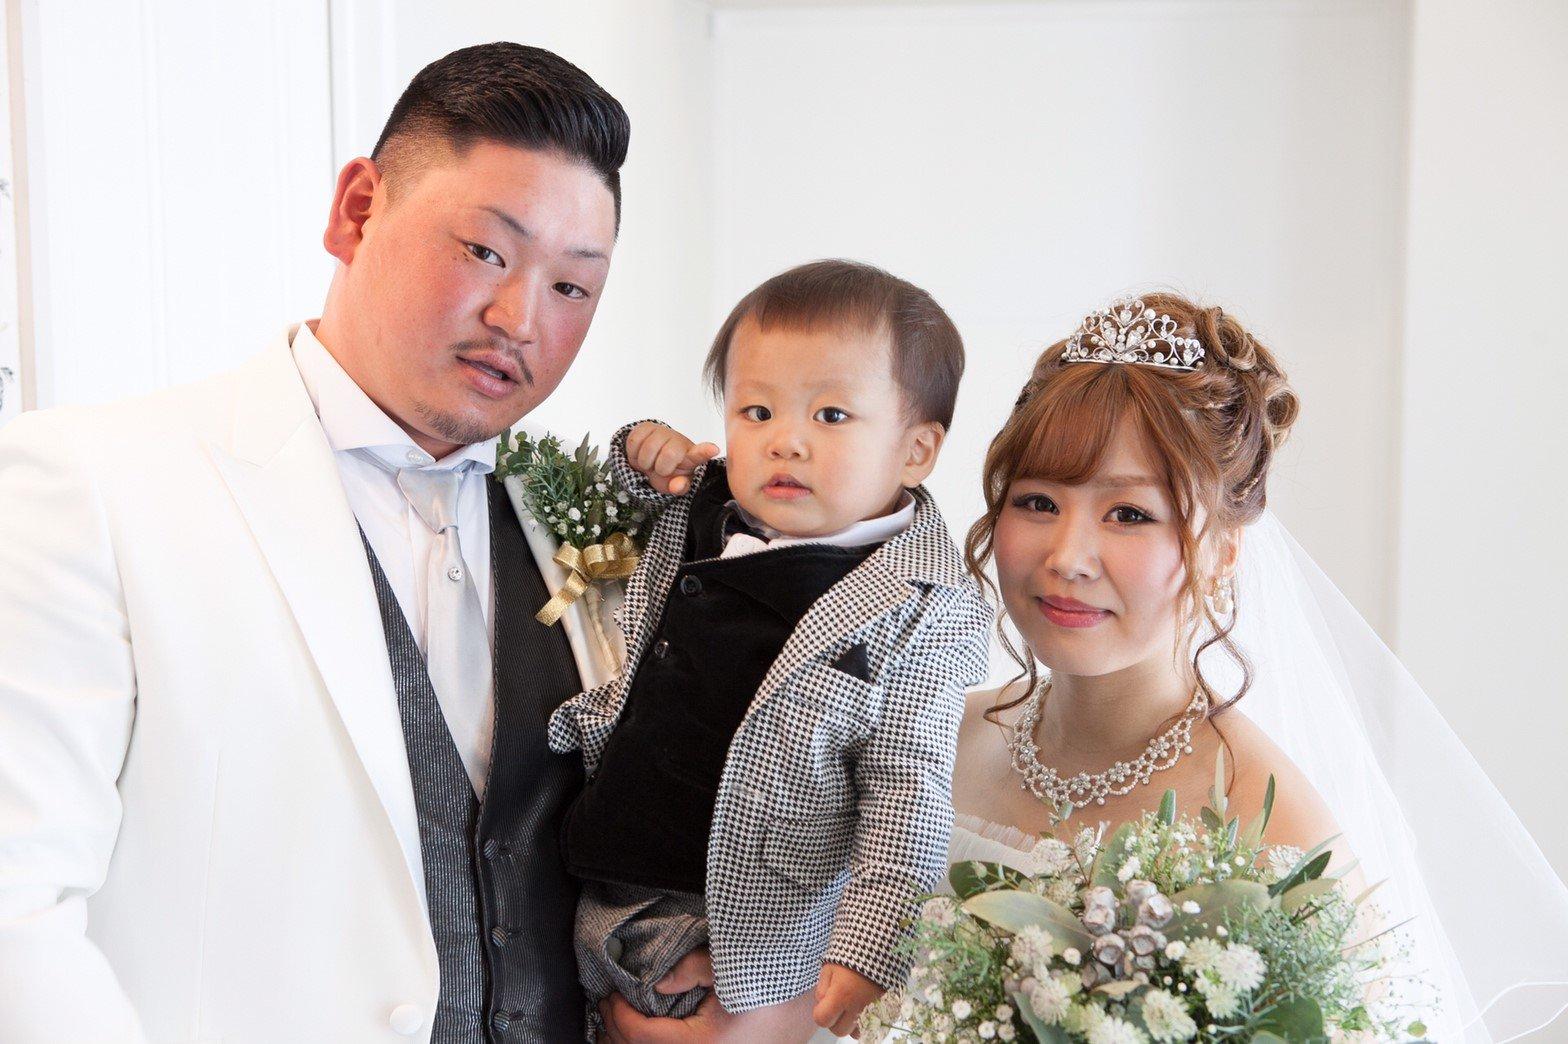 香川県高松市の小さな結婚式紹介所マリマリコンシェルジュでファミリーフォト撮影